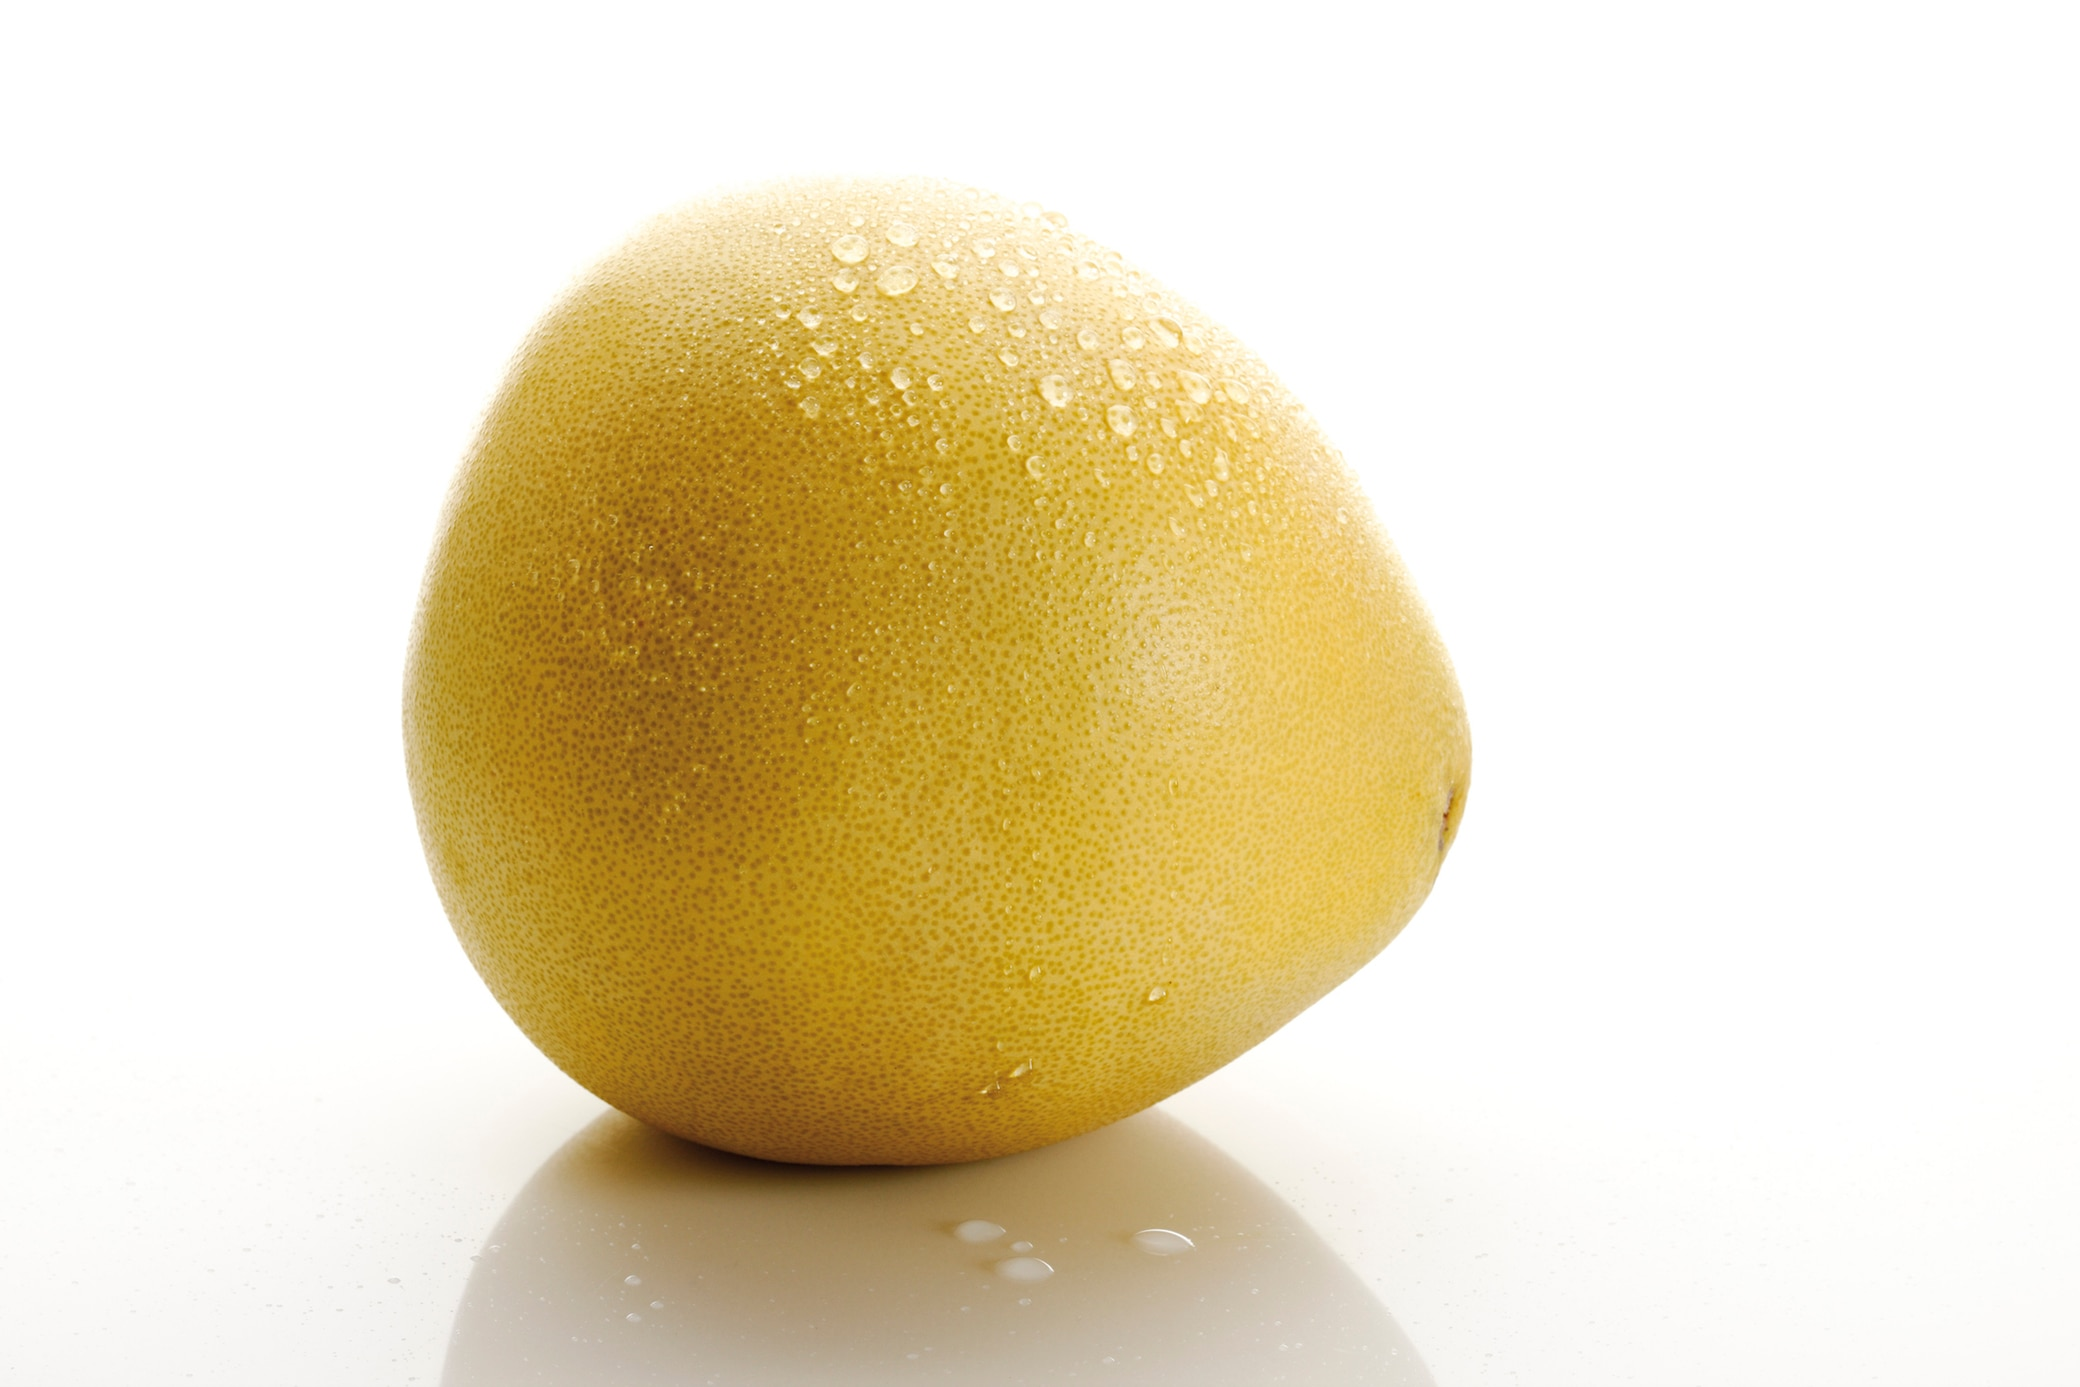 Darum solltest du Pomelos vor dem Schälen waschen